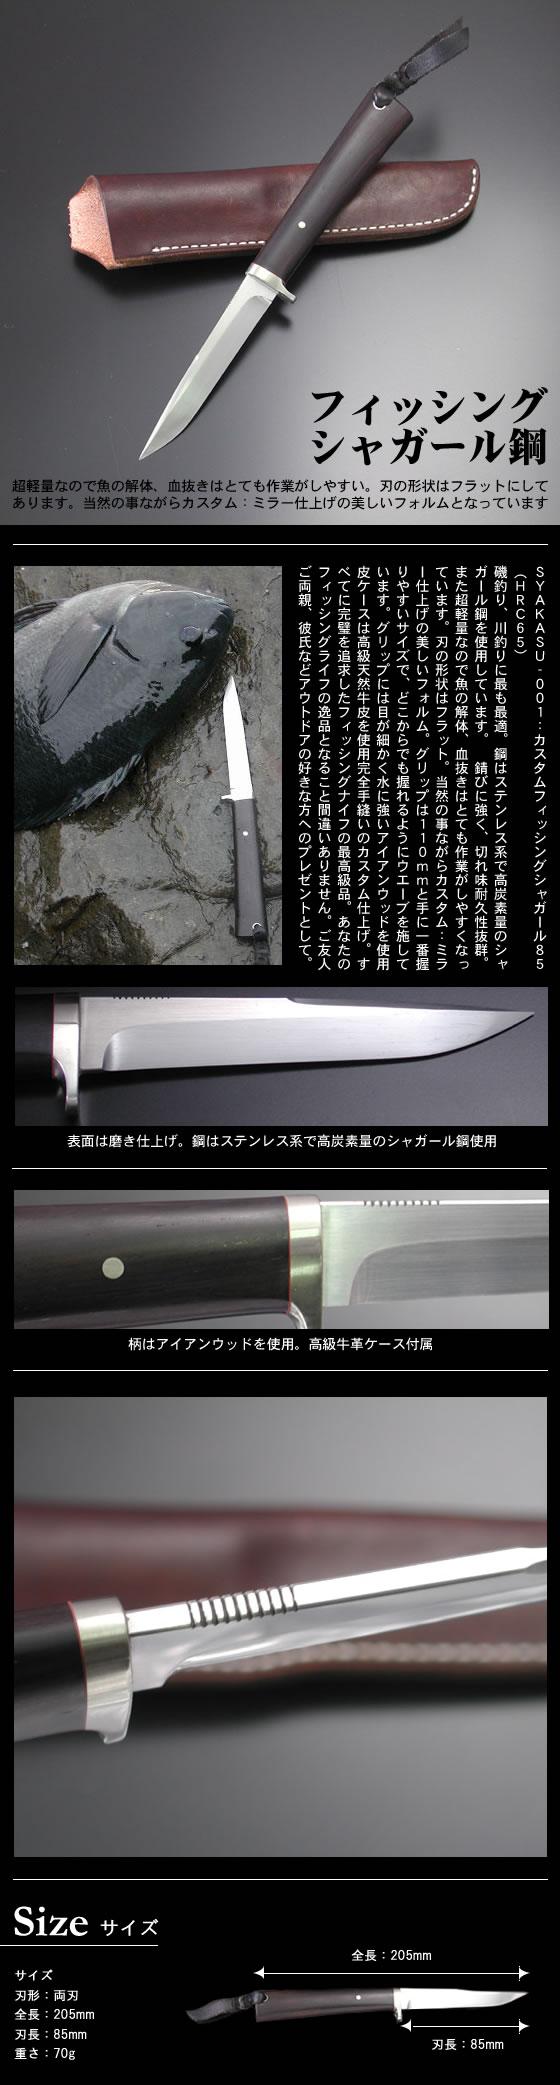 グレ等の釣りにオススメです!フィッシングナイフ (シャガール鋼)/通販 販売